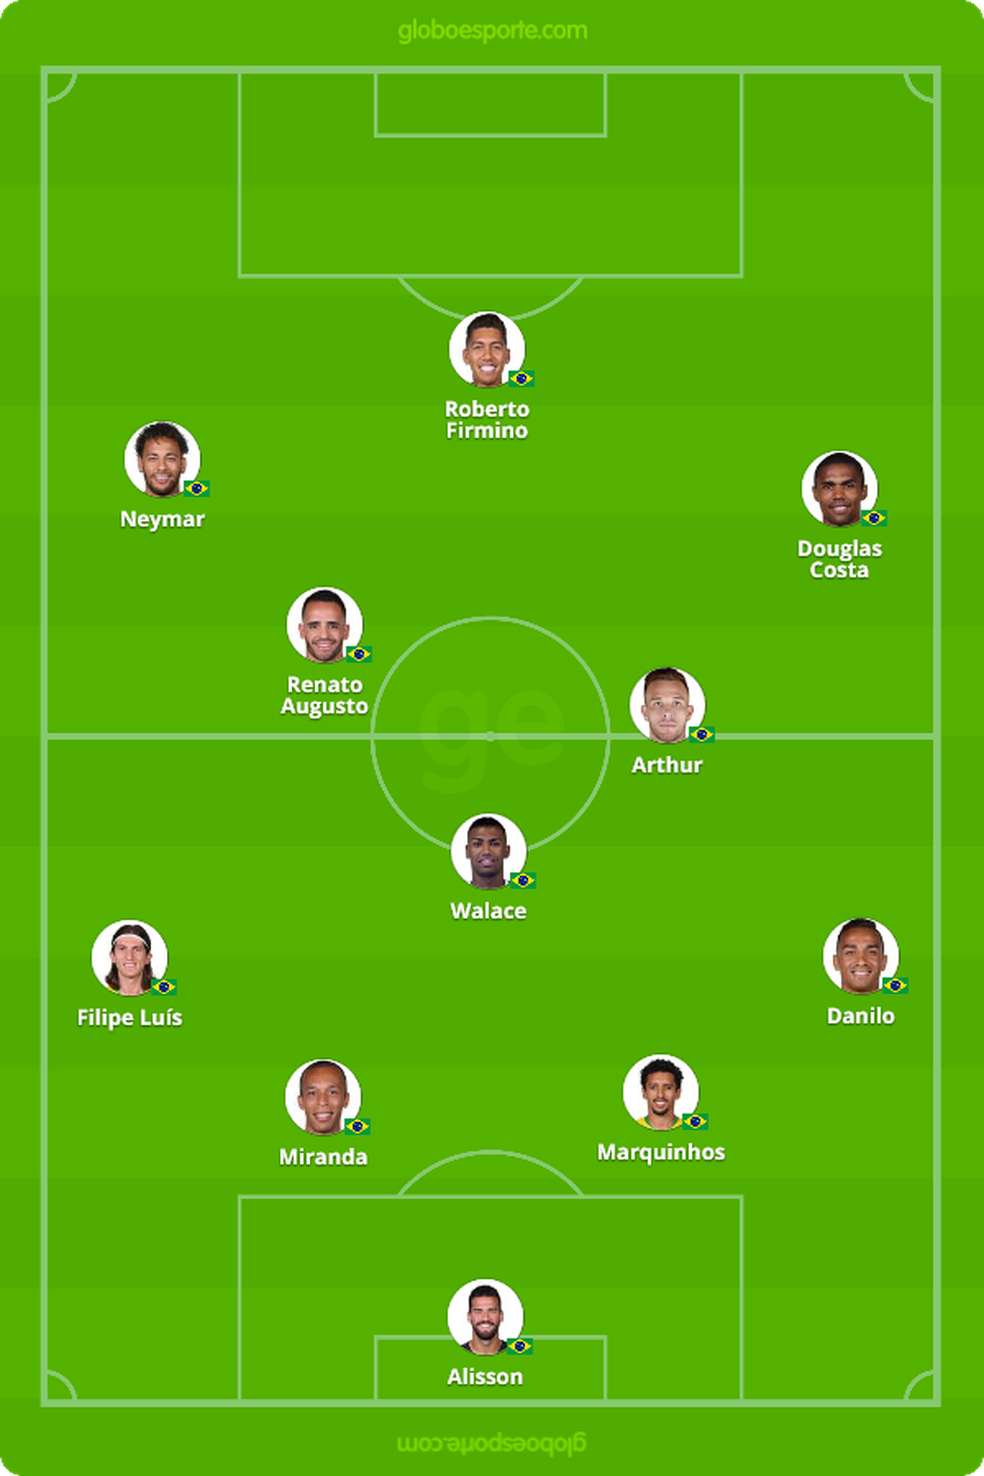 Provável escalação da seleção brasileira para enfrentar o Uruguai — Foto: GloboEsporte.com